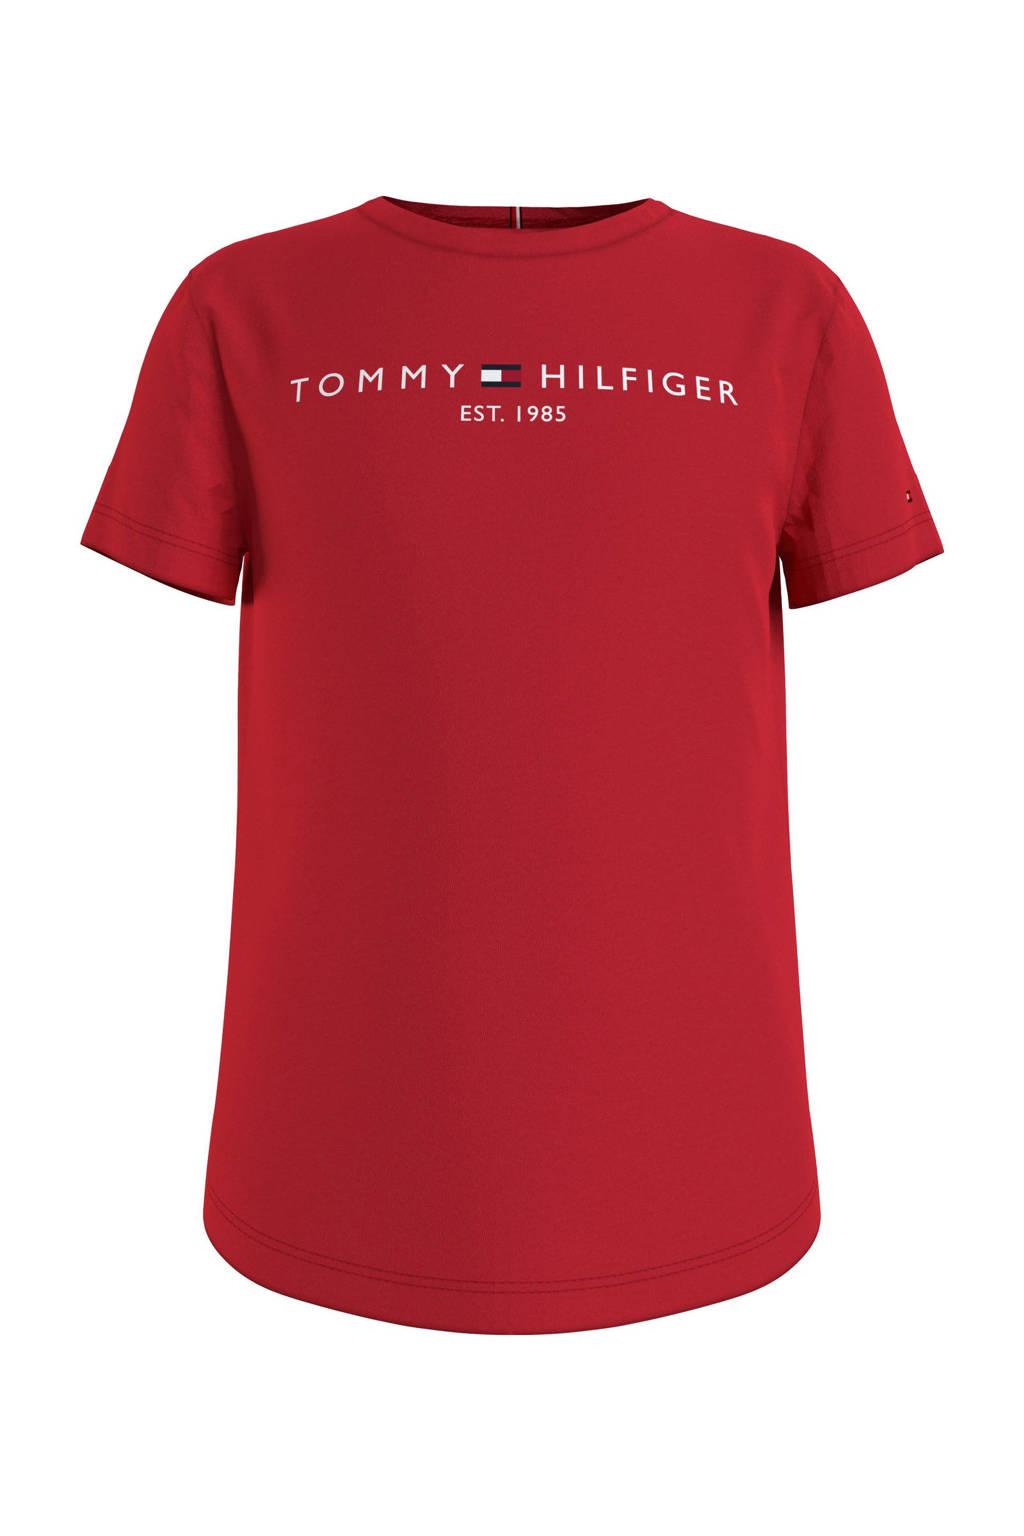 Tommy Hilfiger T-shirt van biologisch katoen rood, Rood